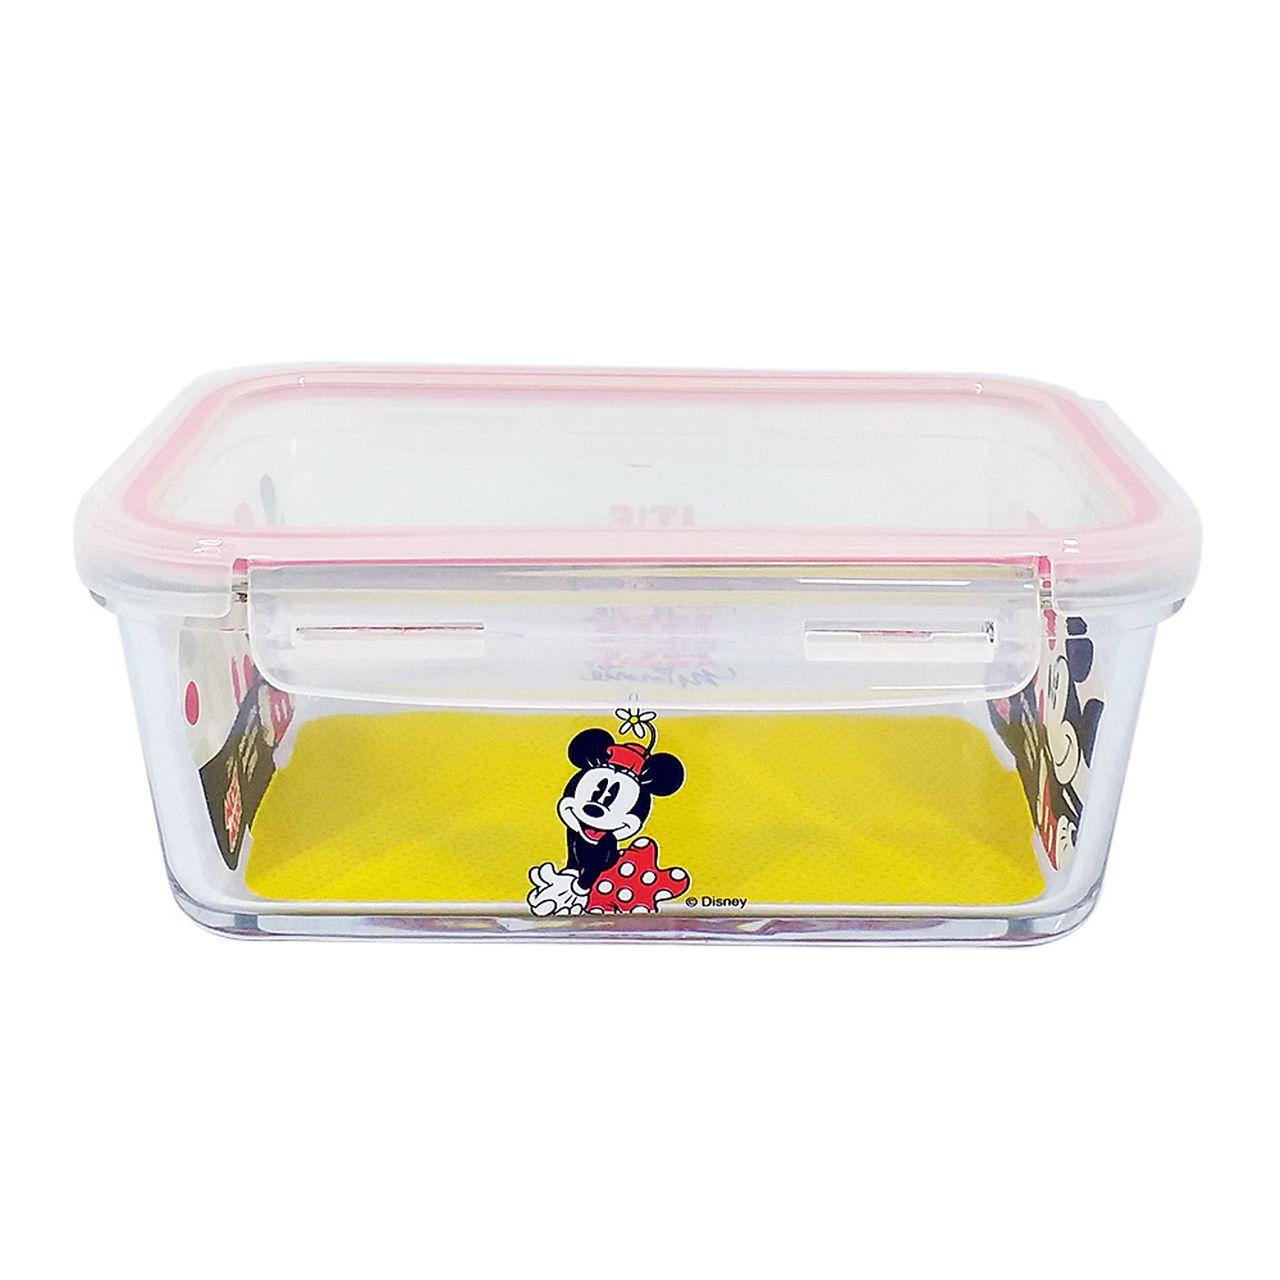 Pote de Vidro Com Tampa e Trava (1500ml): It's All About Minnie - Disney